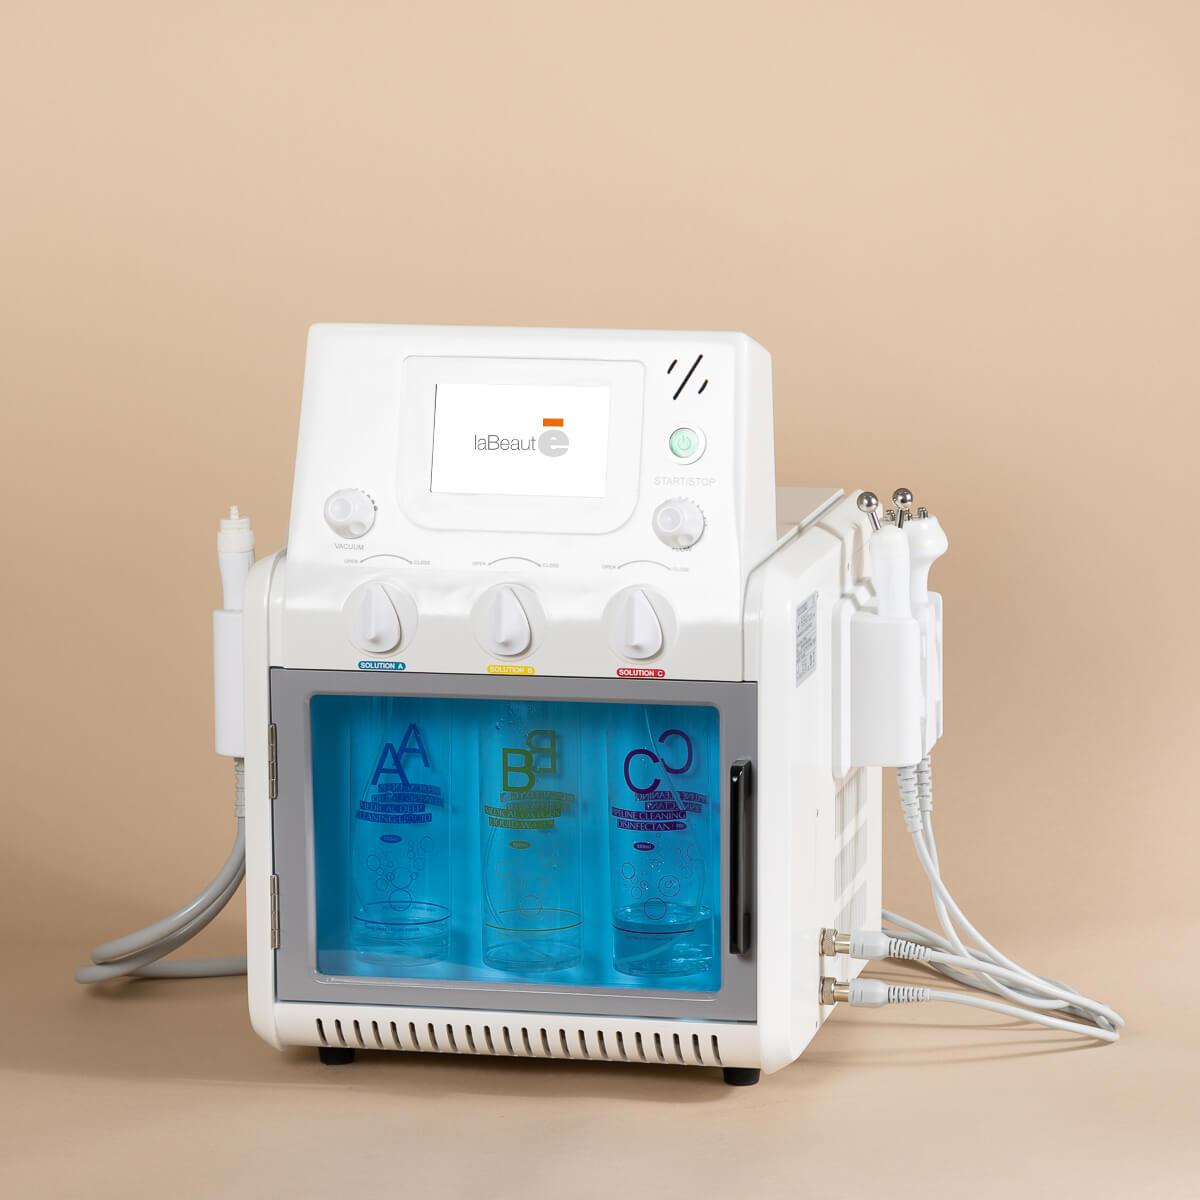 macchinario per trattamento Aqualab- La Beautè